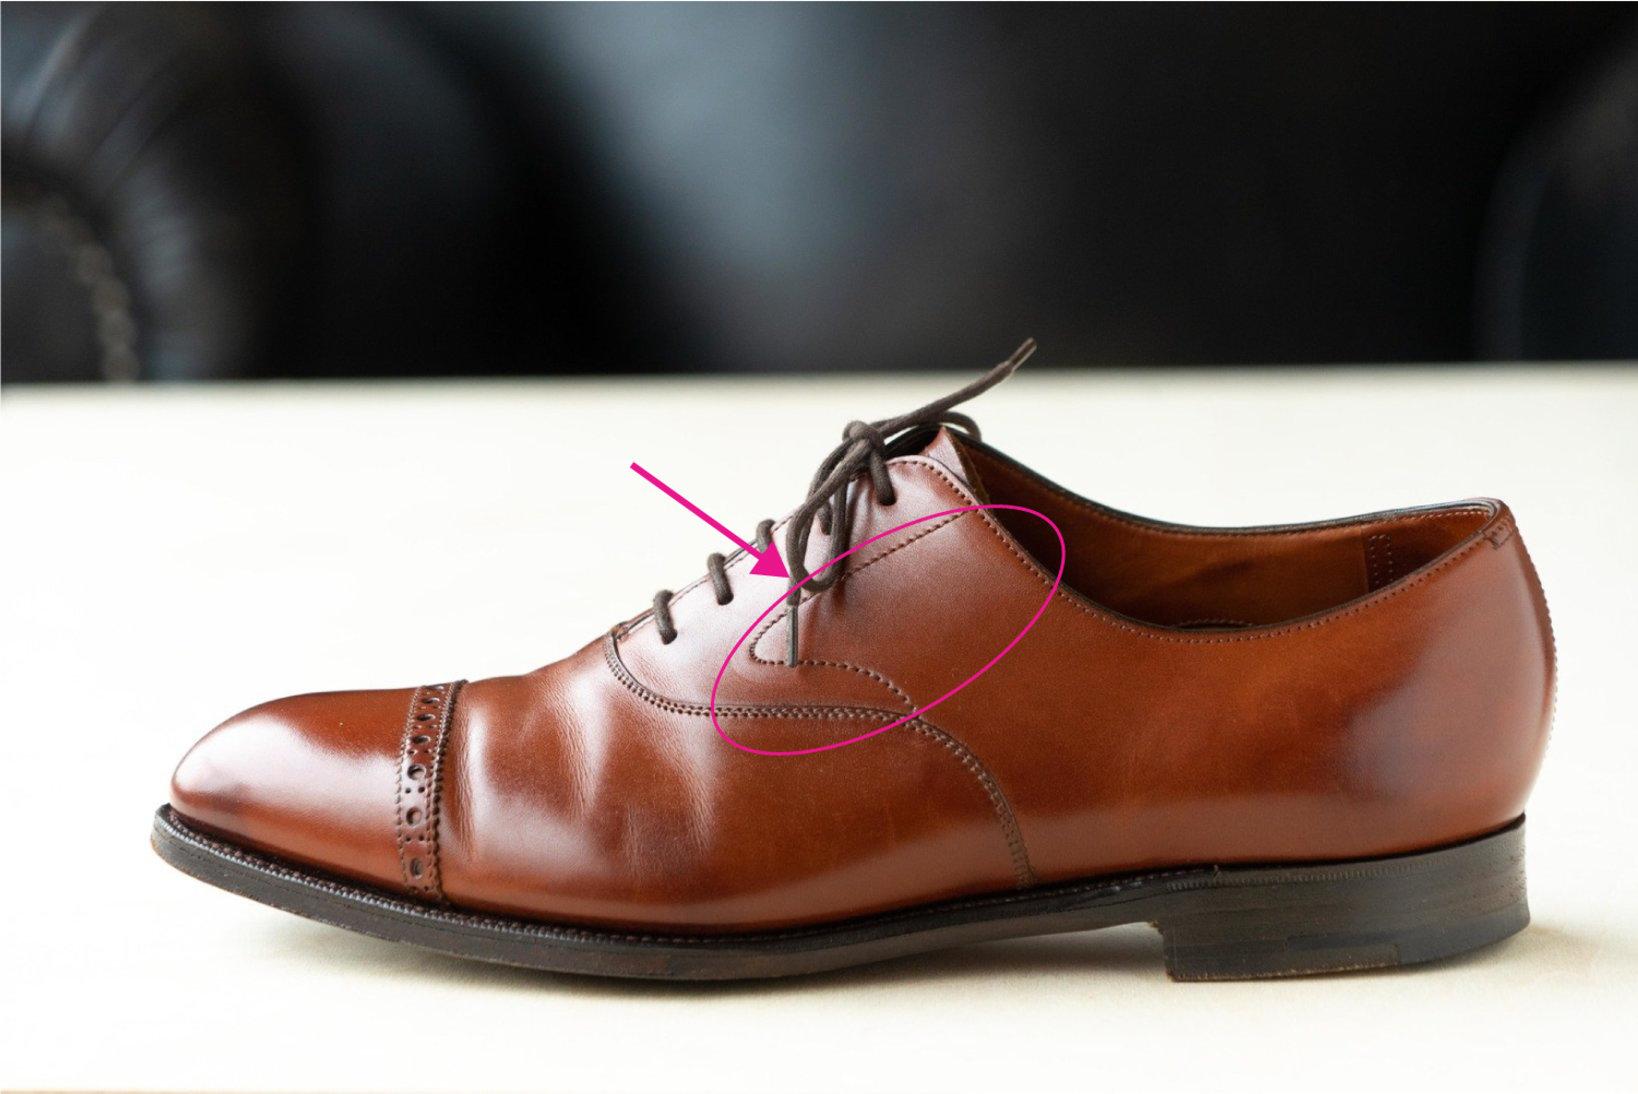 新202の木型を用いた内羽根式パンチドキャップトウ。旧202より踵が大きくなり、ガースも大きめに取るように。生産拠点を新たに移転した際、キャップトウのチェルシーなど代表的な内羽根式の靴にスワンネック(丸で囲んだディテール)を採用した。